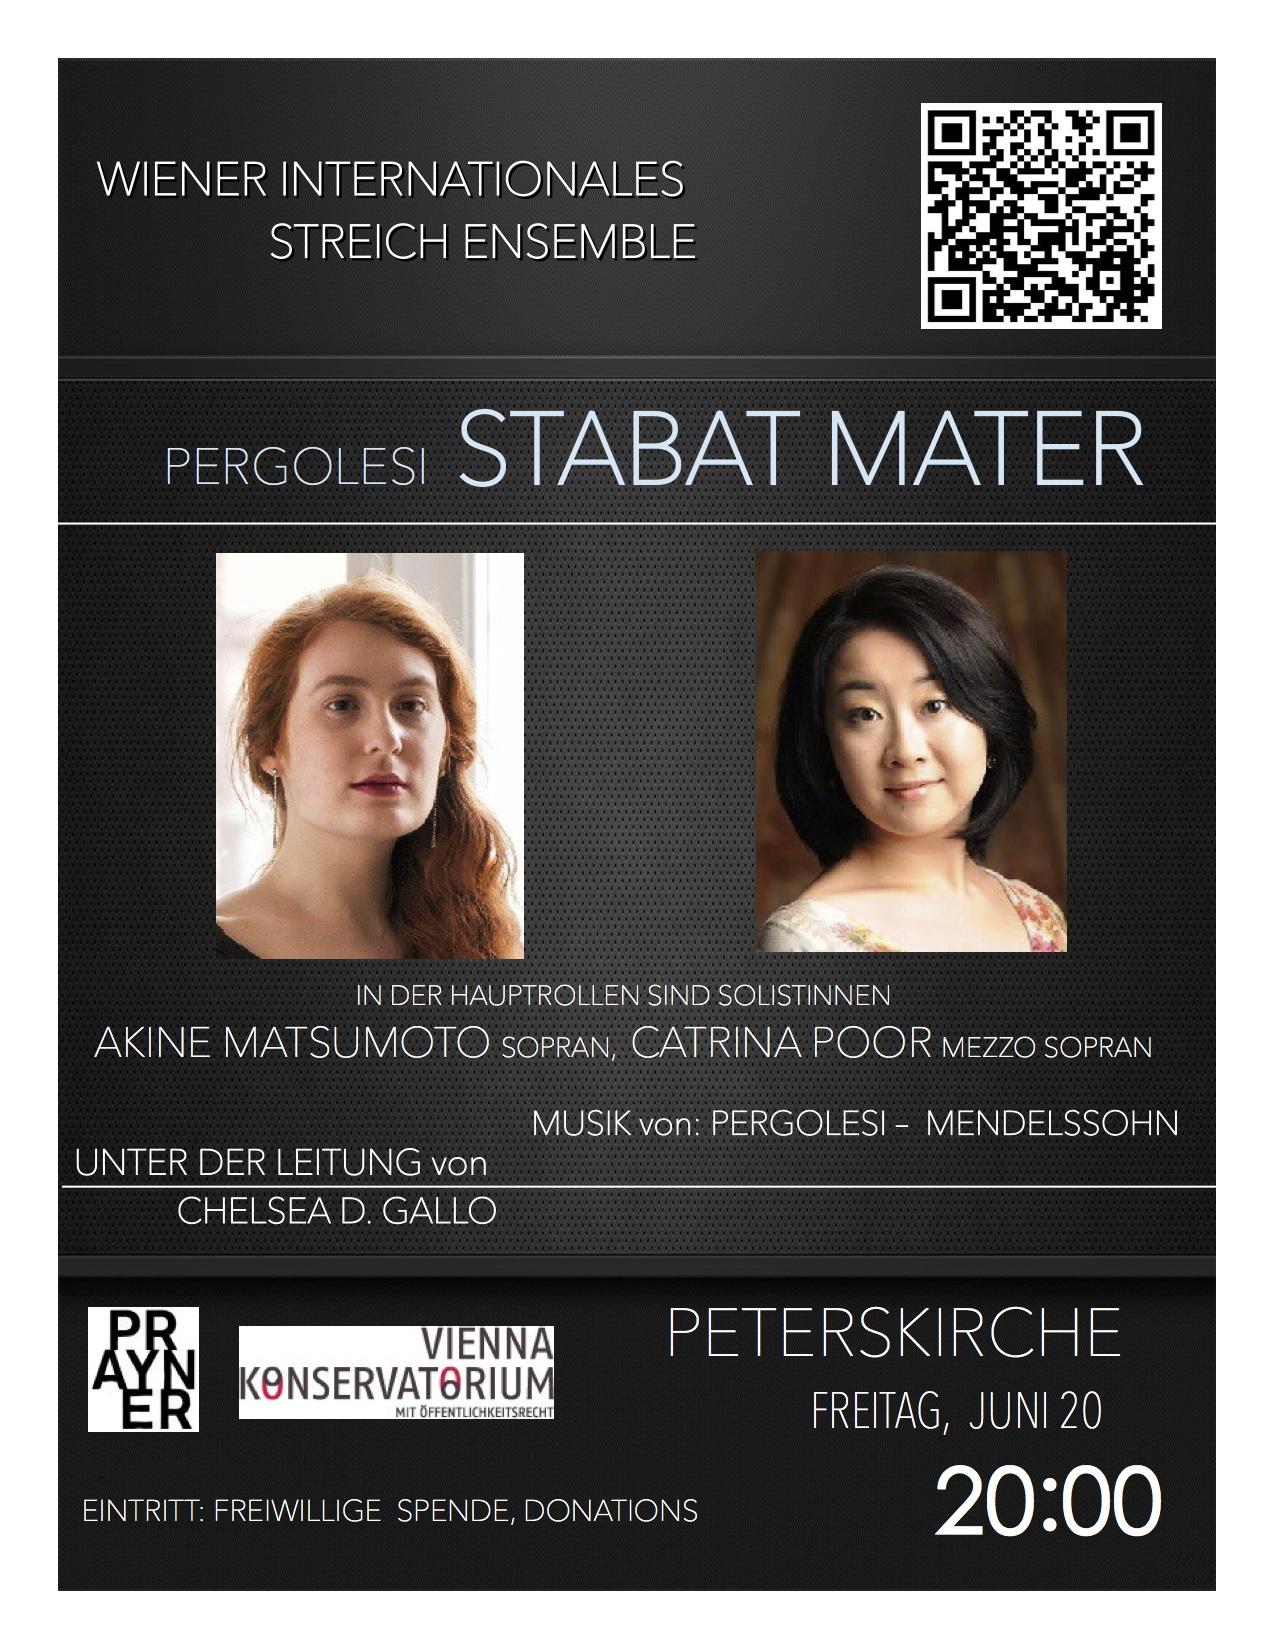 Pergolesi concert poster JPEG.jpg